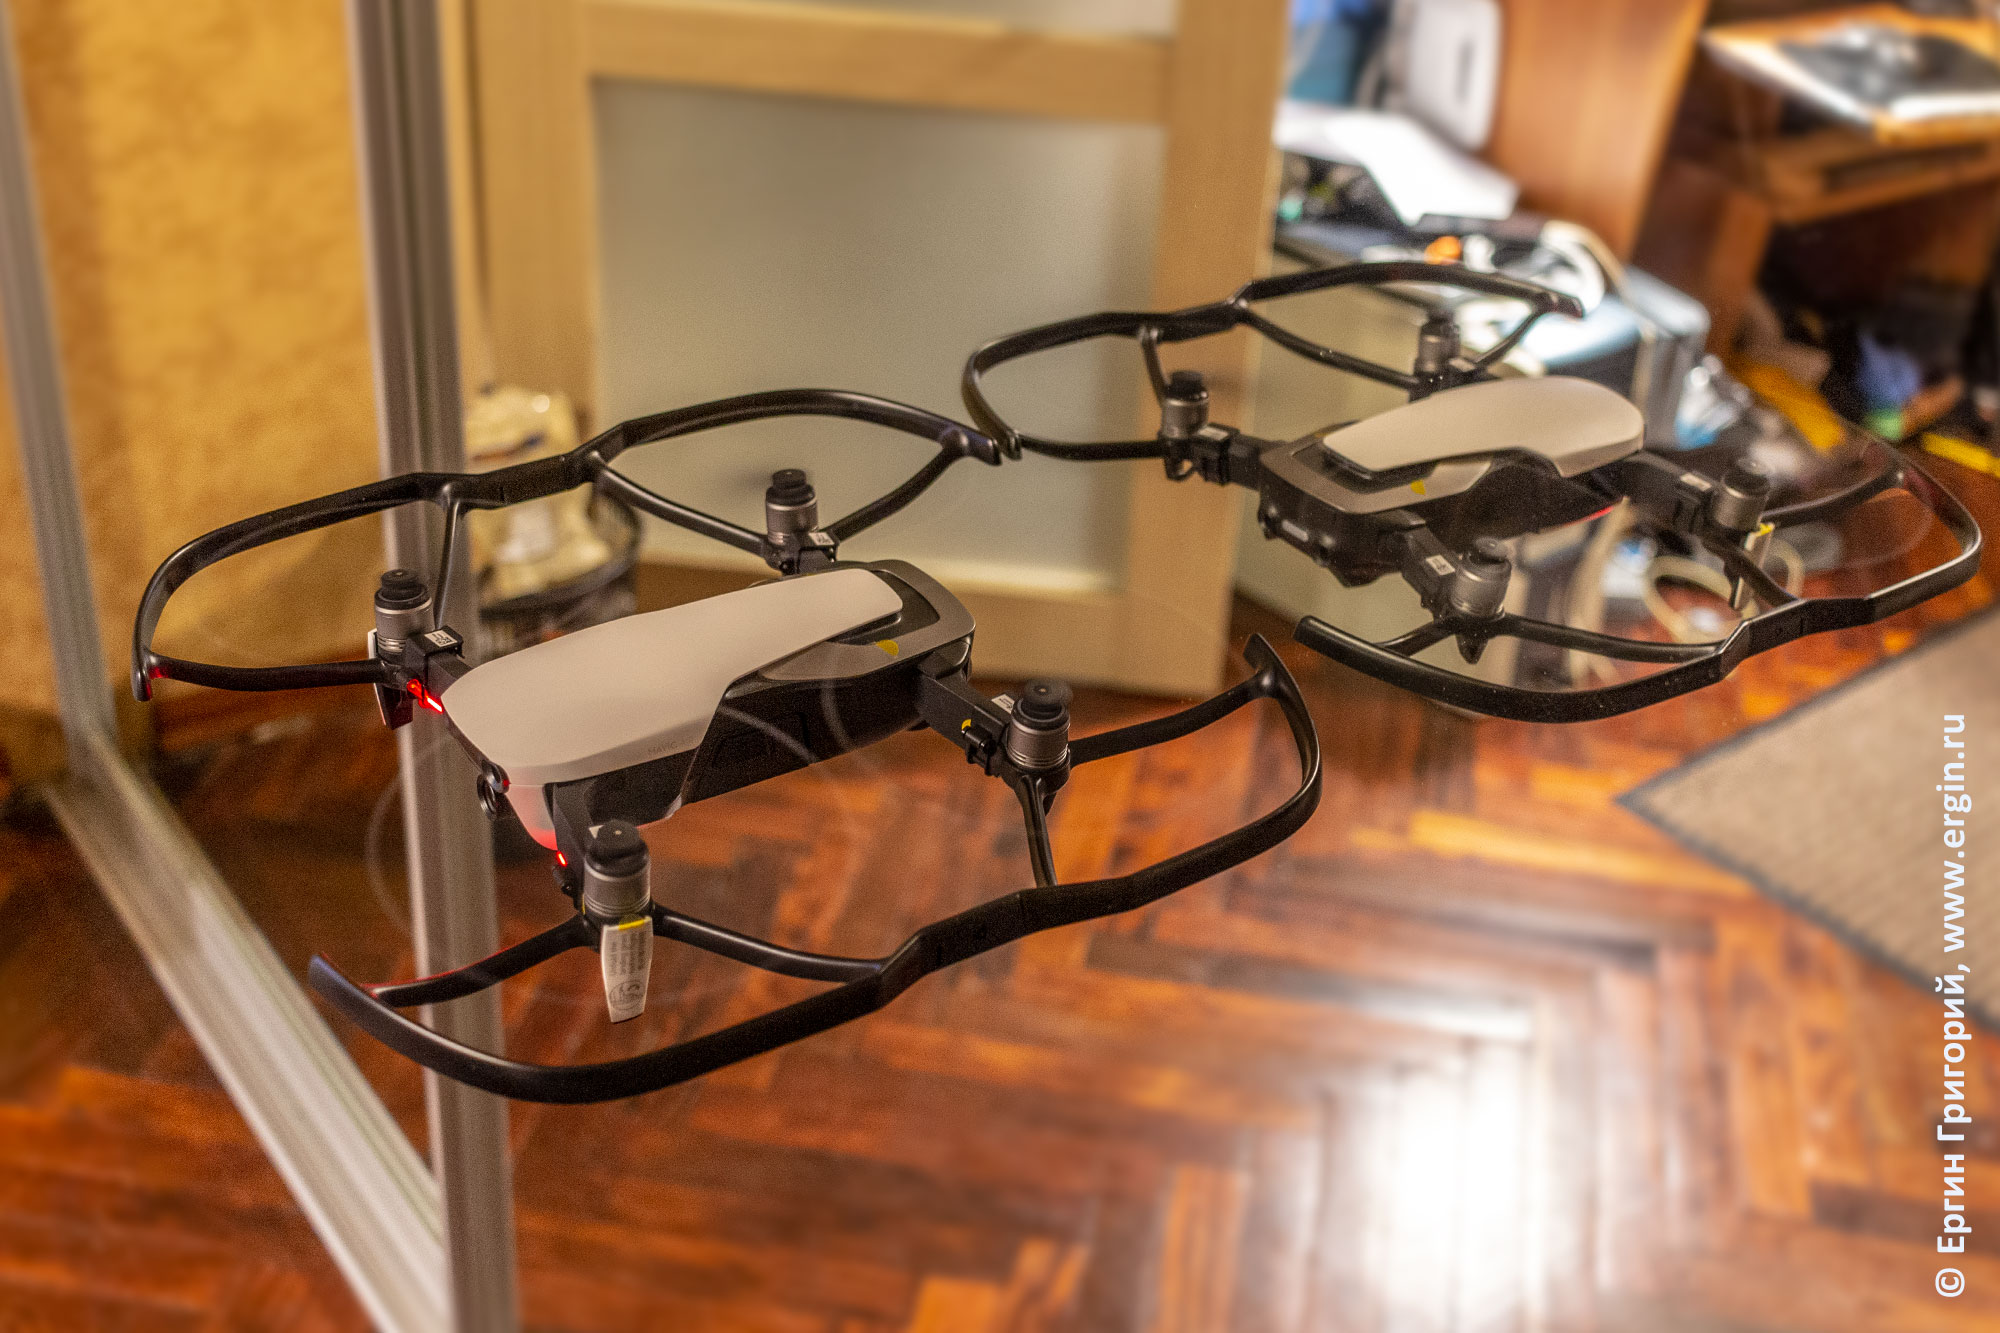 Квадрокоптер дрон DJI Mavic Air уперся в зеркало не разглядел препятствие проблема